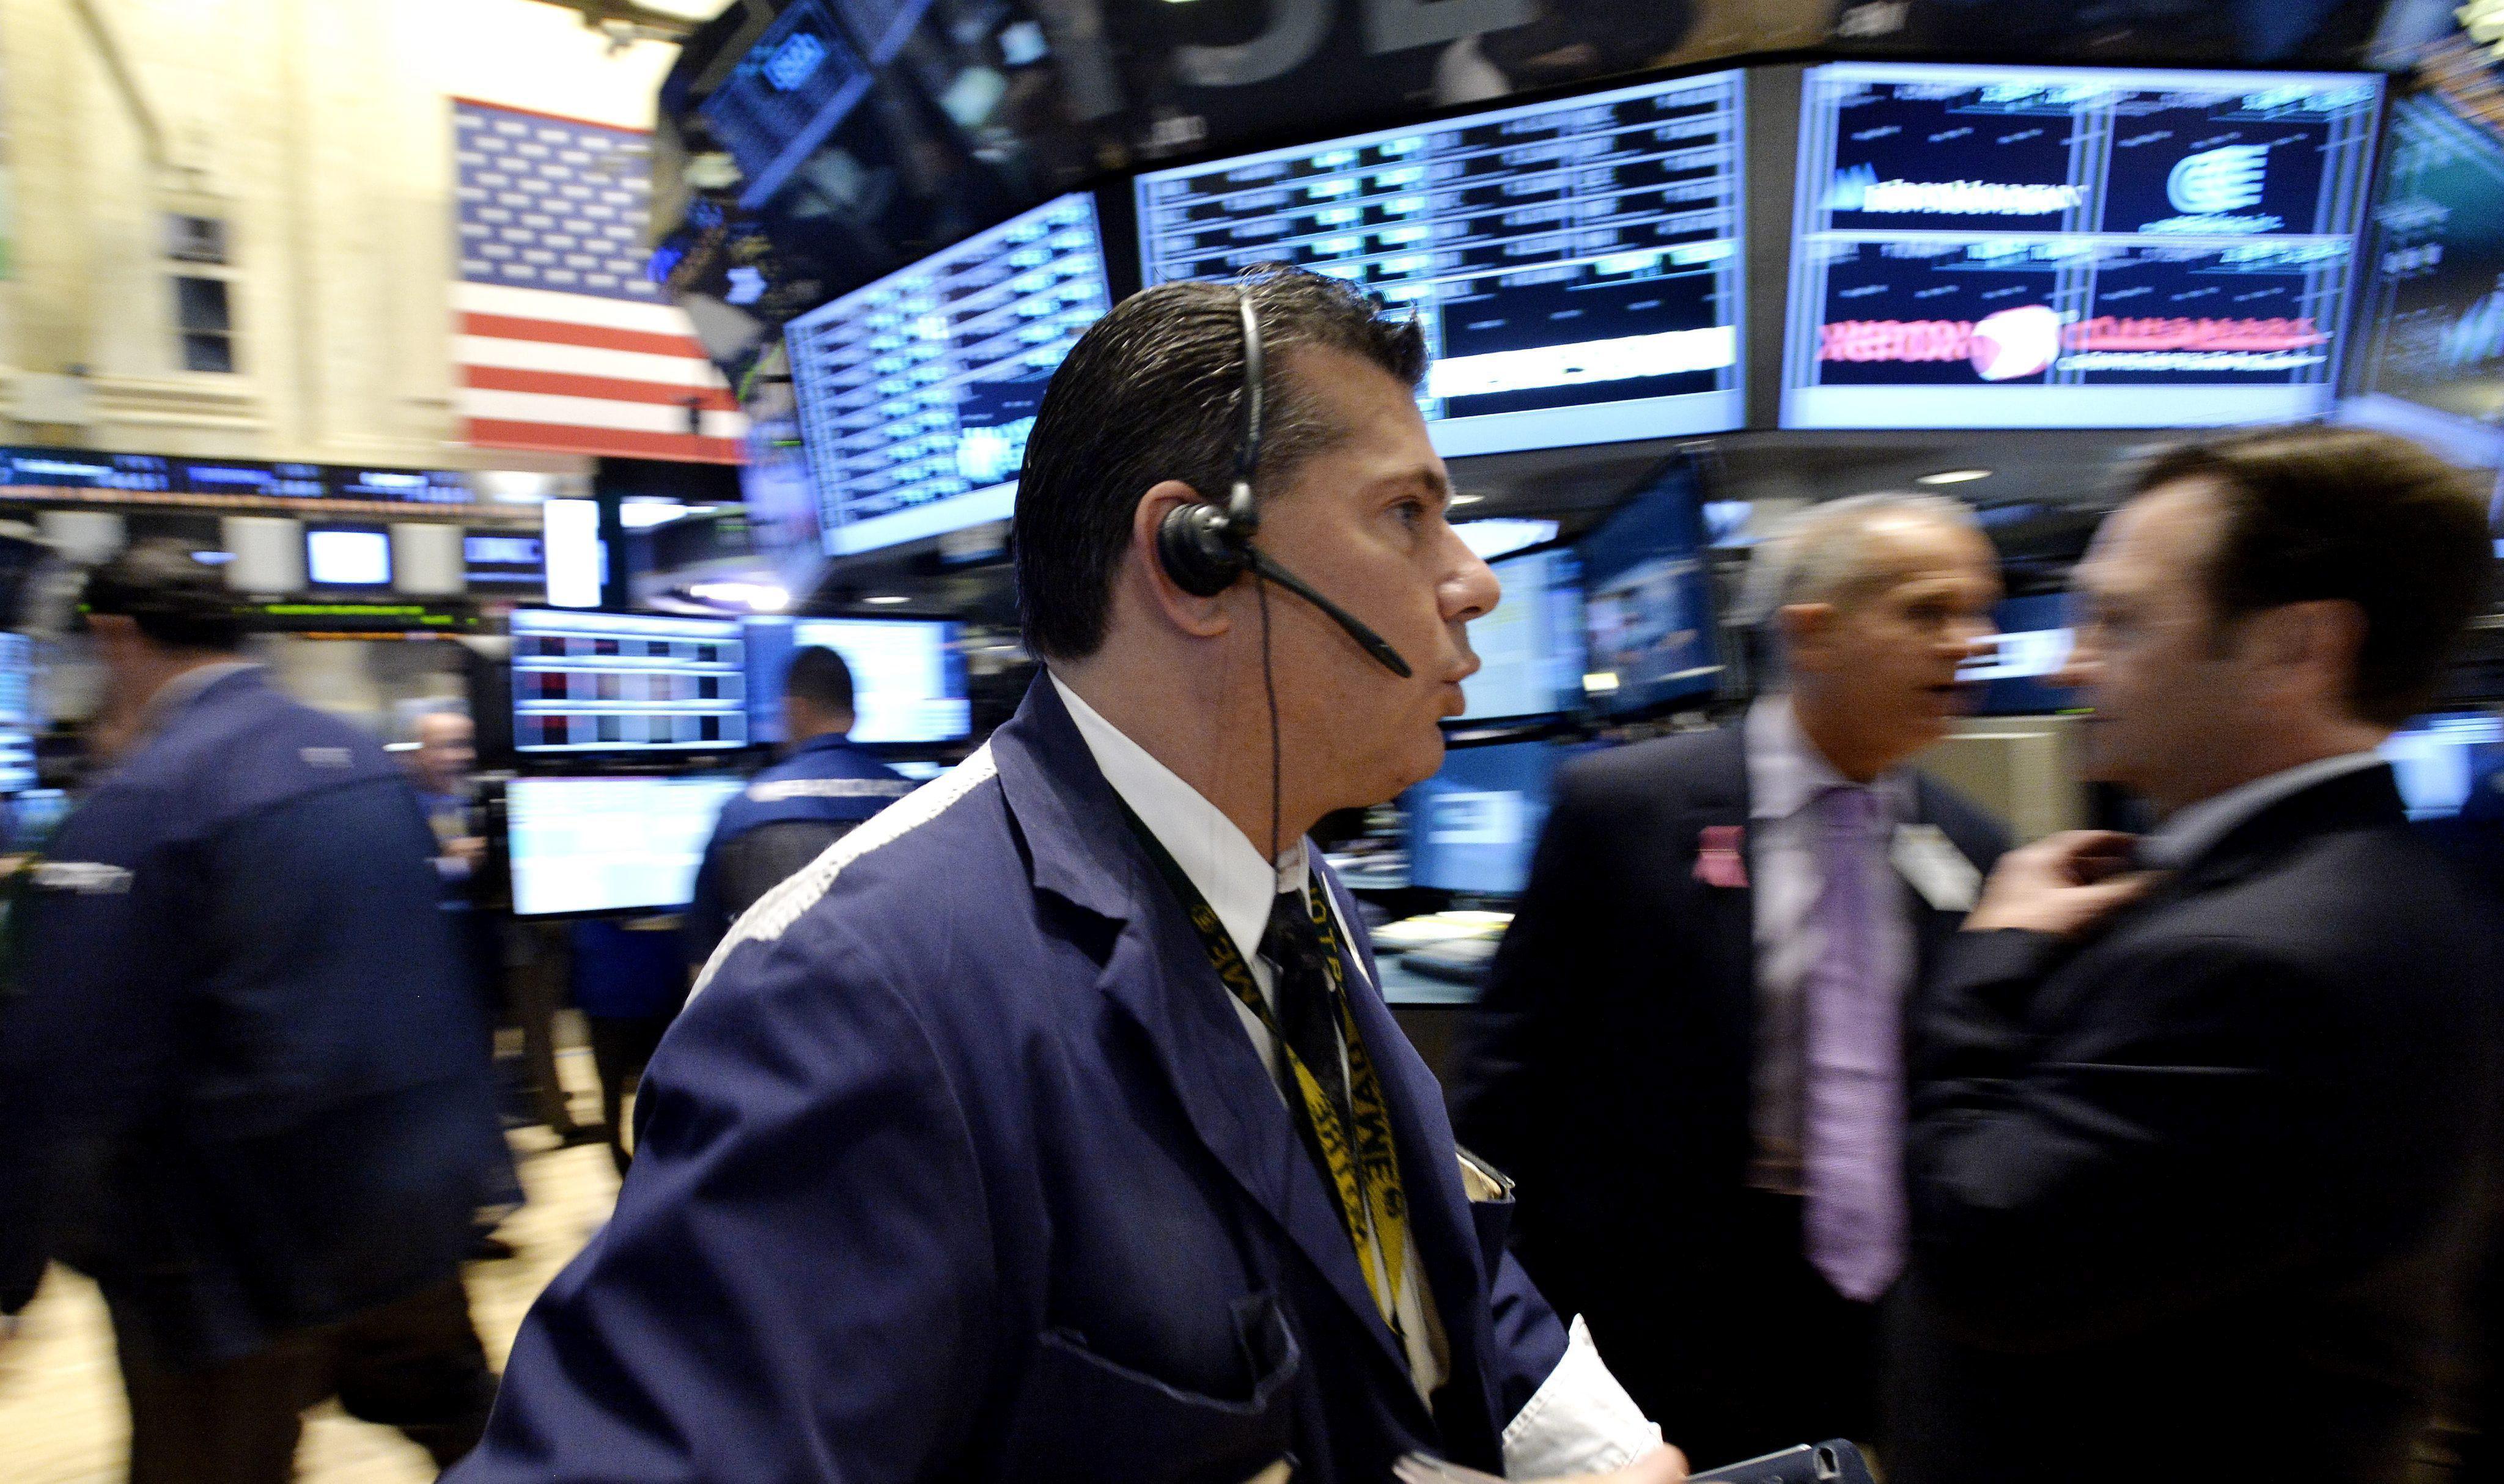 La presión de los mercados se desplaza a los países emergentes y sus divisas se desploman